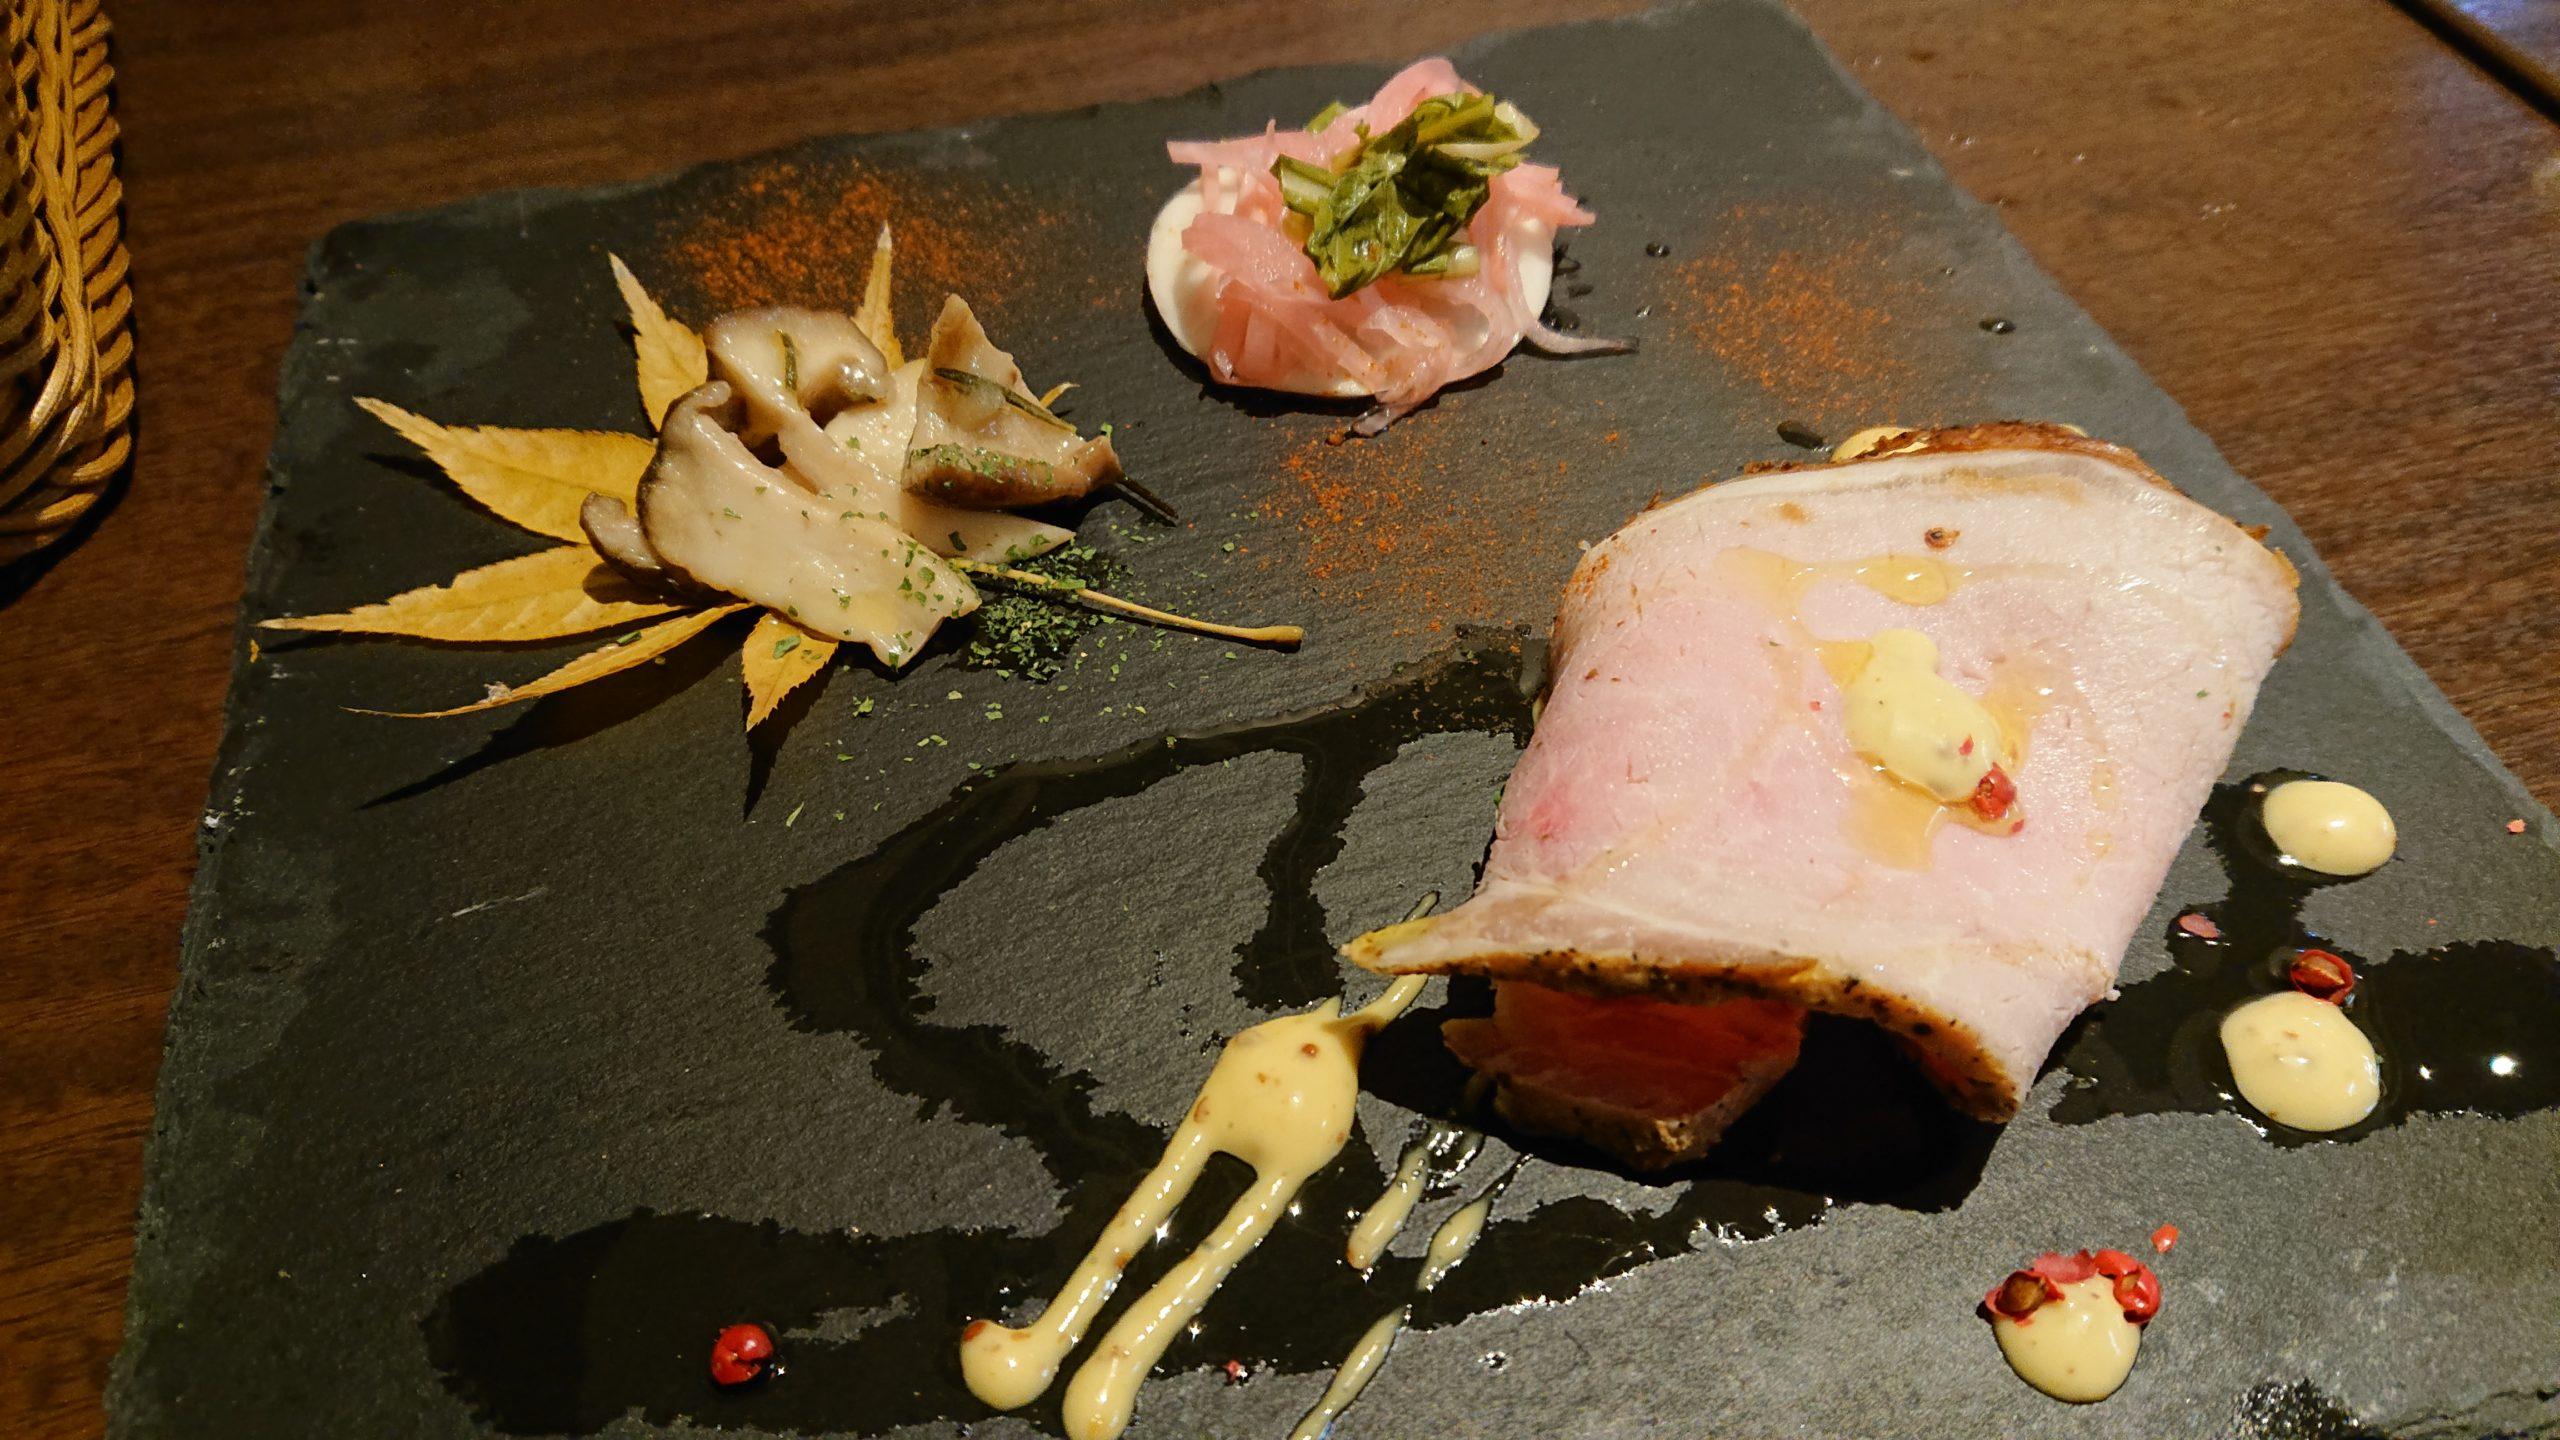 湯島天神横のラクレットグリル、スイス料理とスイスワインのお店のお通し